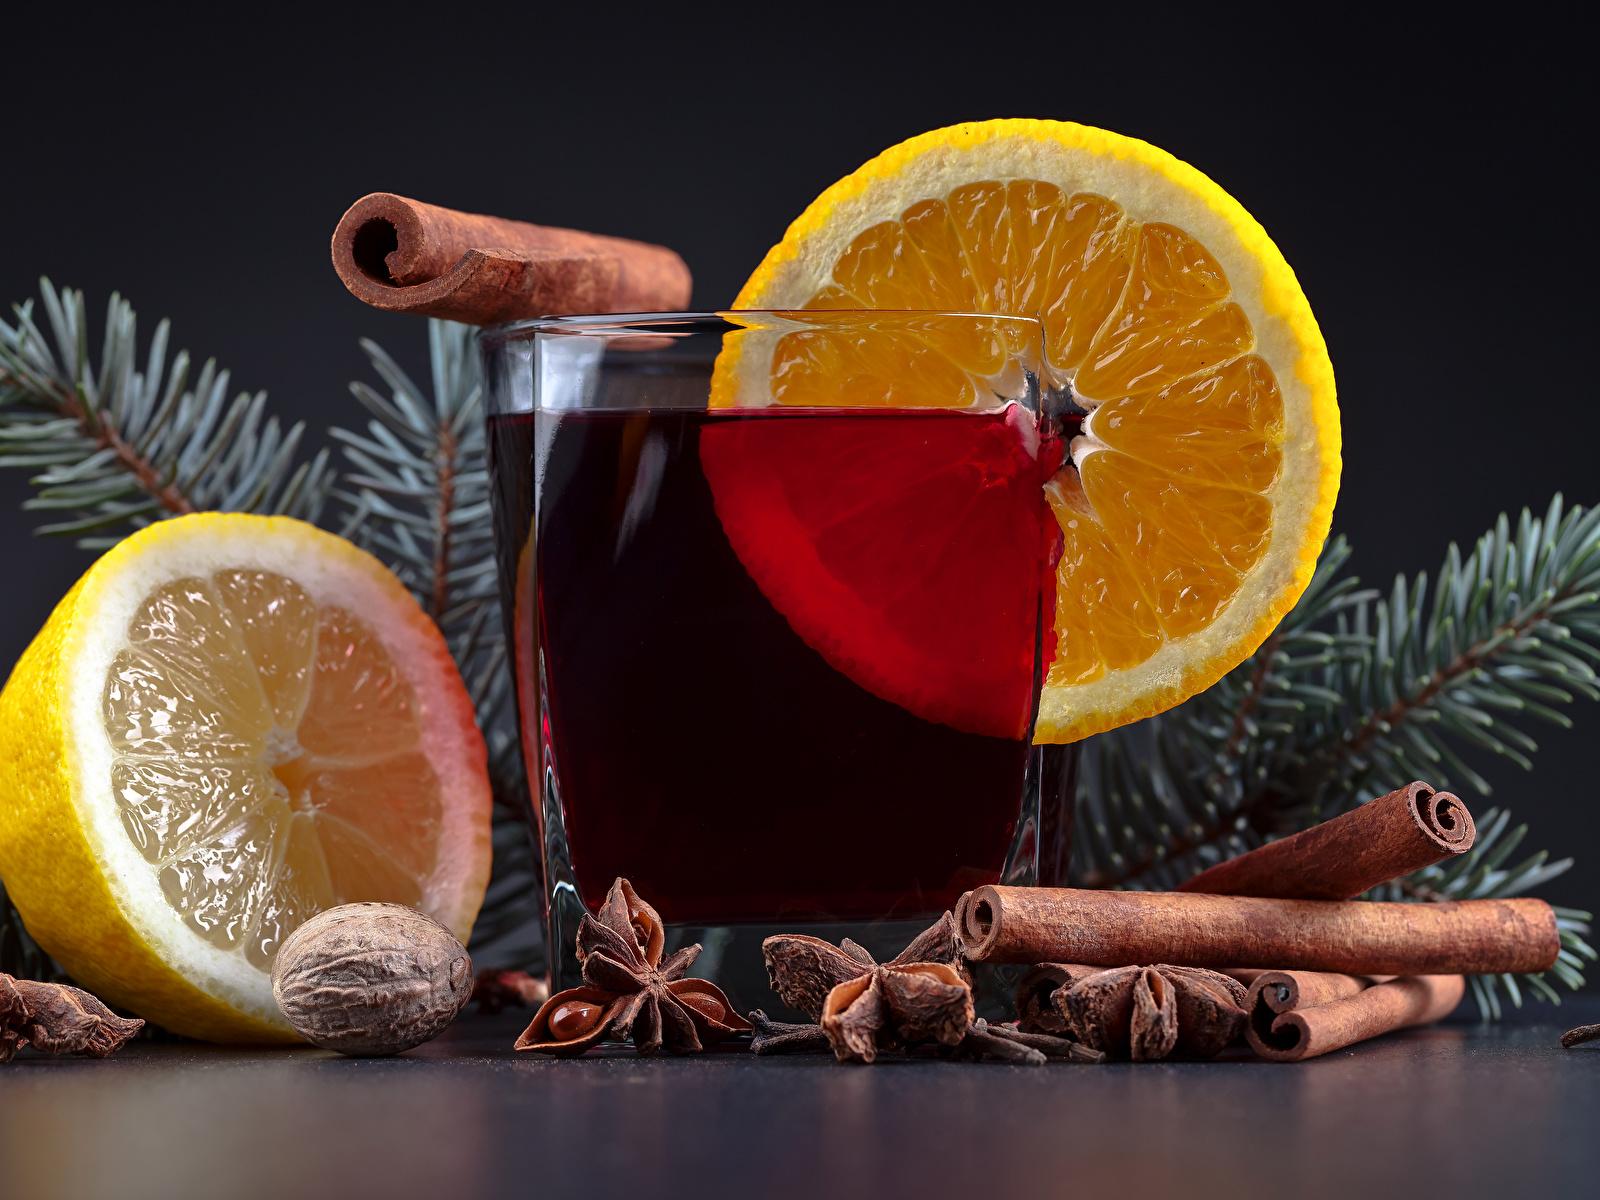 Фотография Новый год Лимоны Корица стакане Еда Напитки 1600x1200 Рождество Стакан стакана Пища Продукты питания напиток